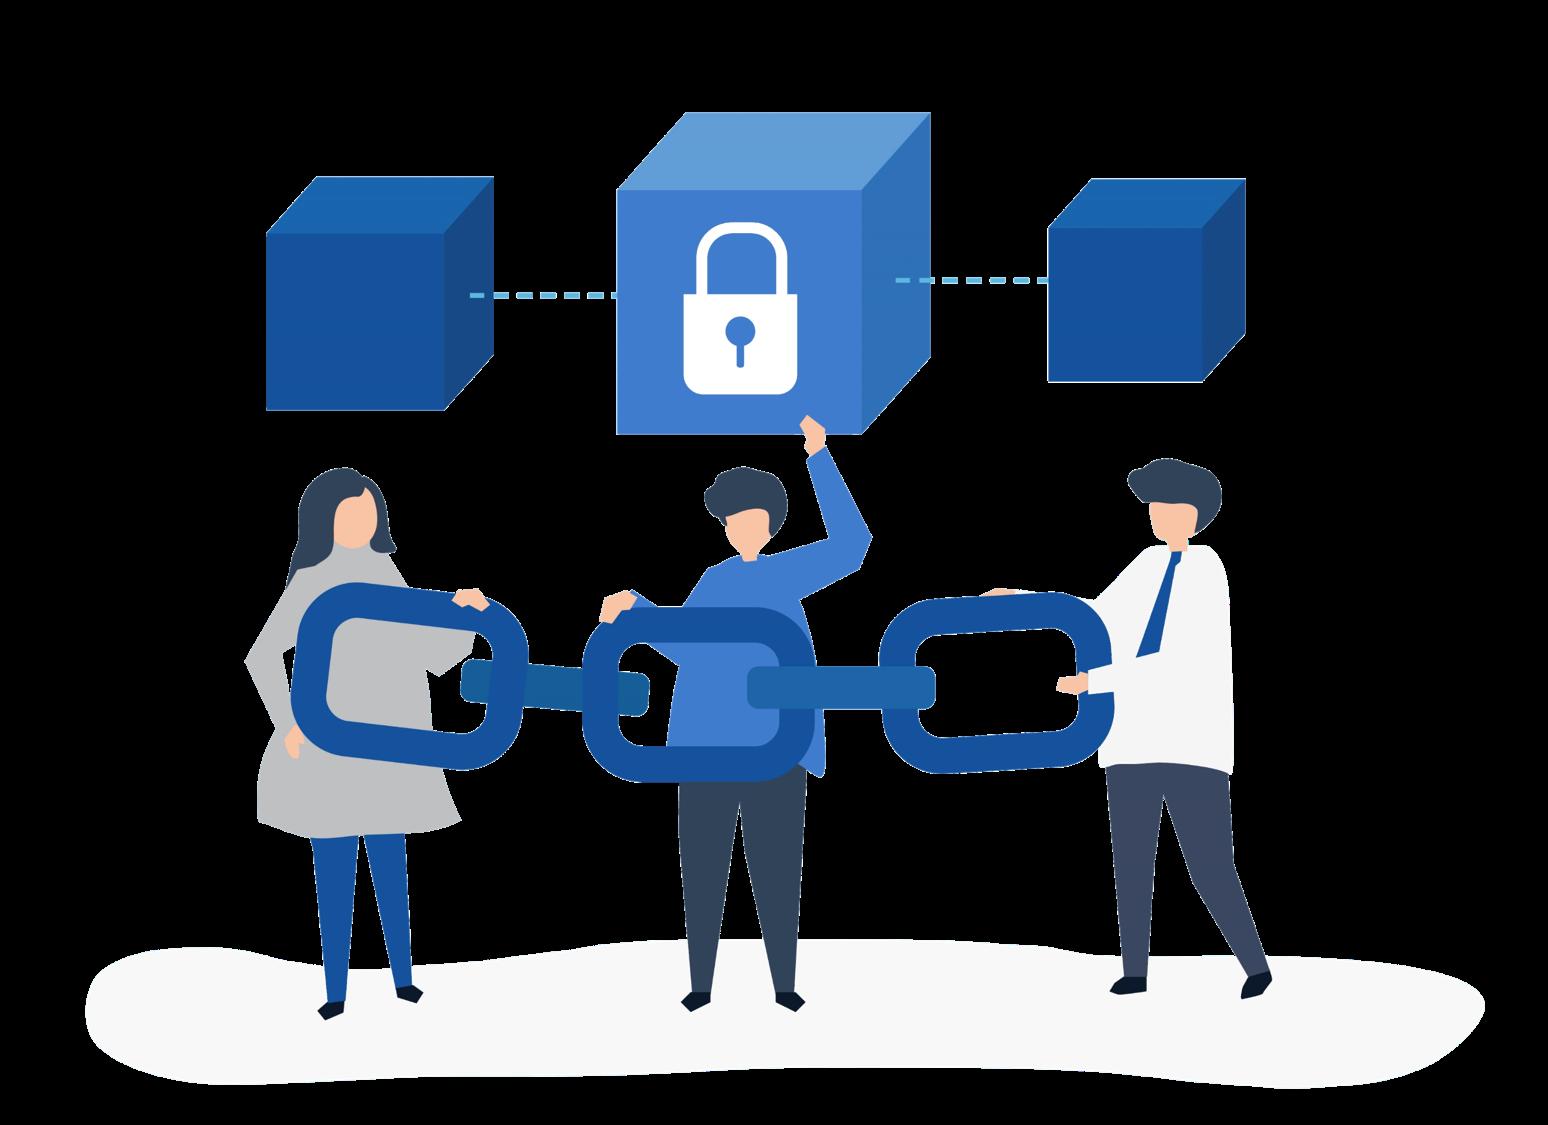 Proyecto BchainProcess: Plataforma distribuida de compartición de información basada en la tecnología Blockchain